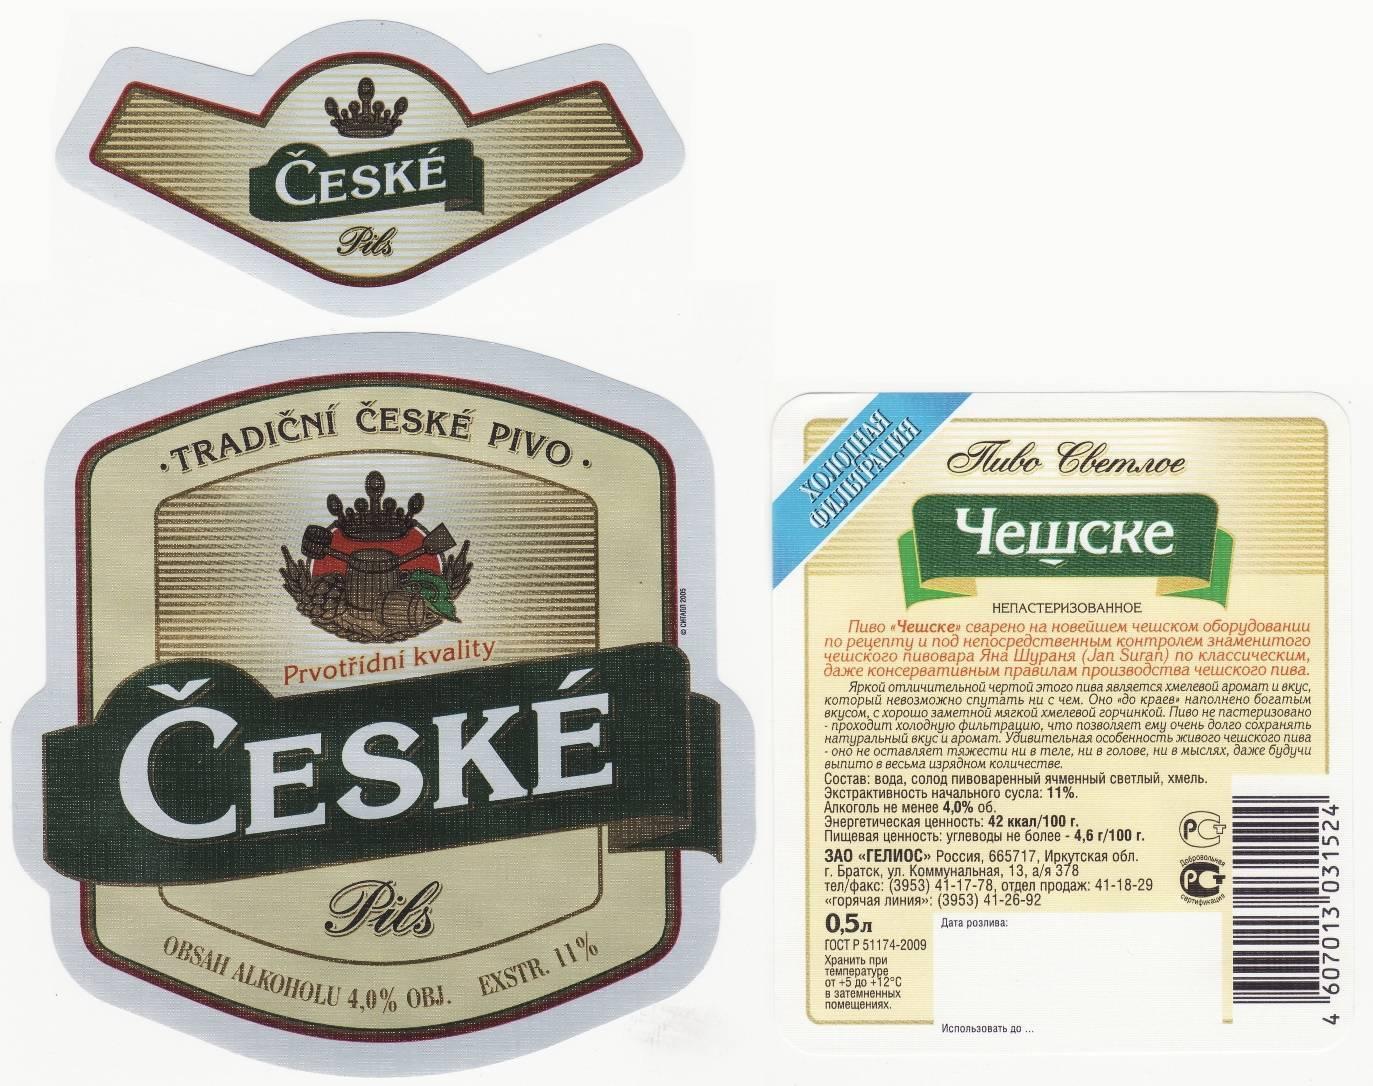 Какое пиво лучше фильтрованное или нефильтрованное, пастеризованное или непастеризованное, тёмное или светлое - в чем их разница